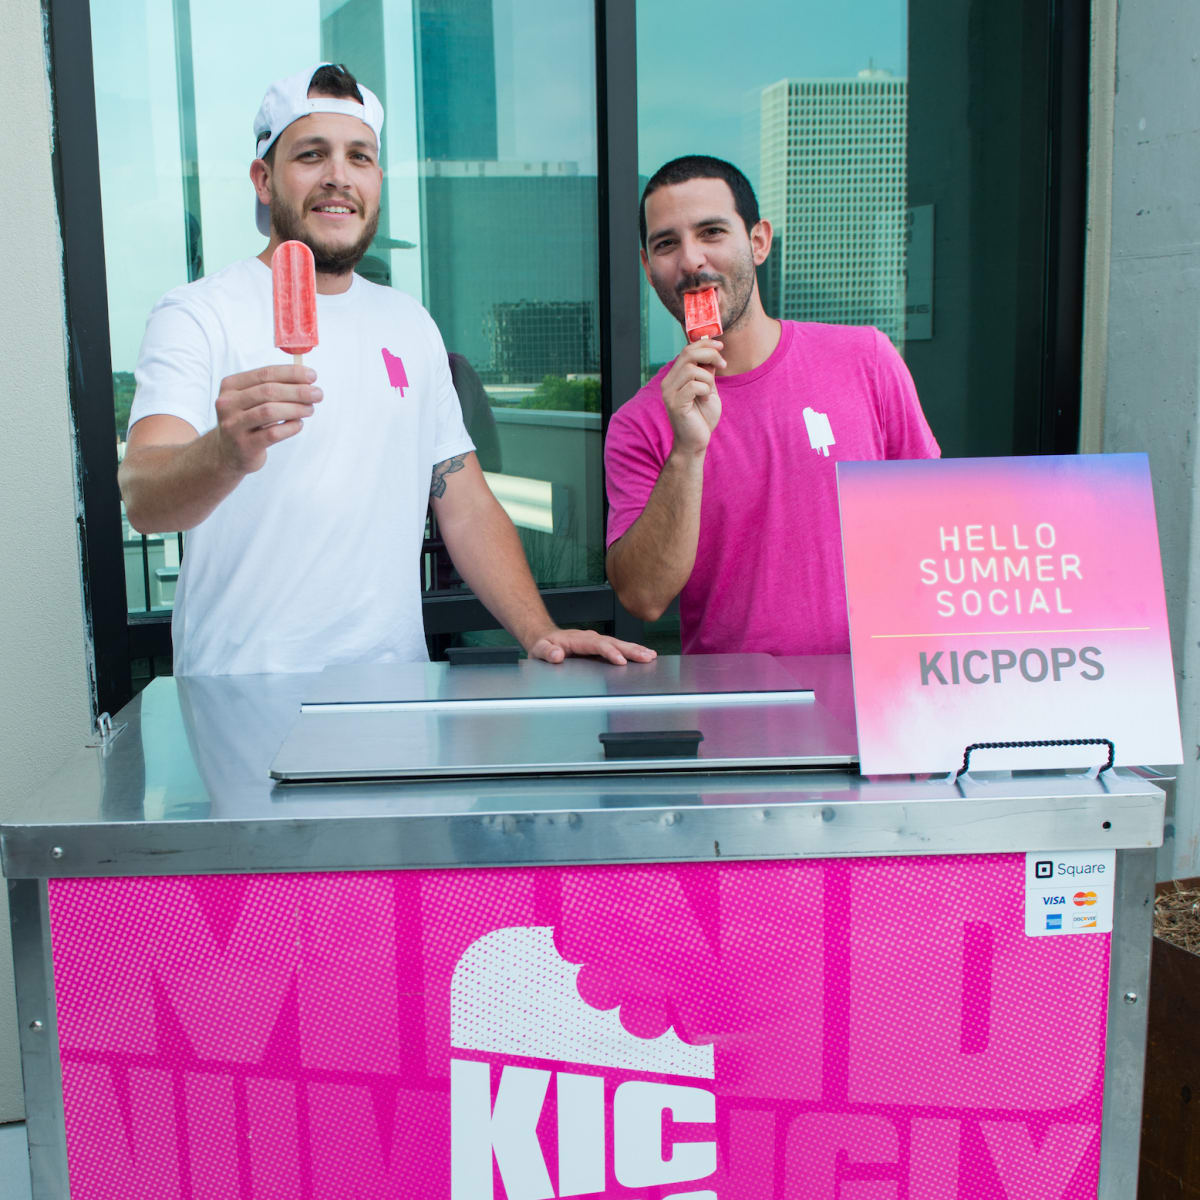 Kicpops at CultureMap Summer Social